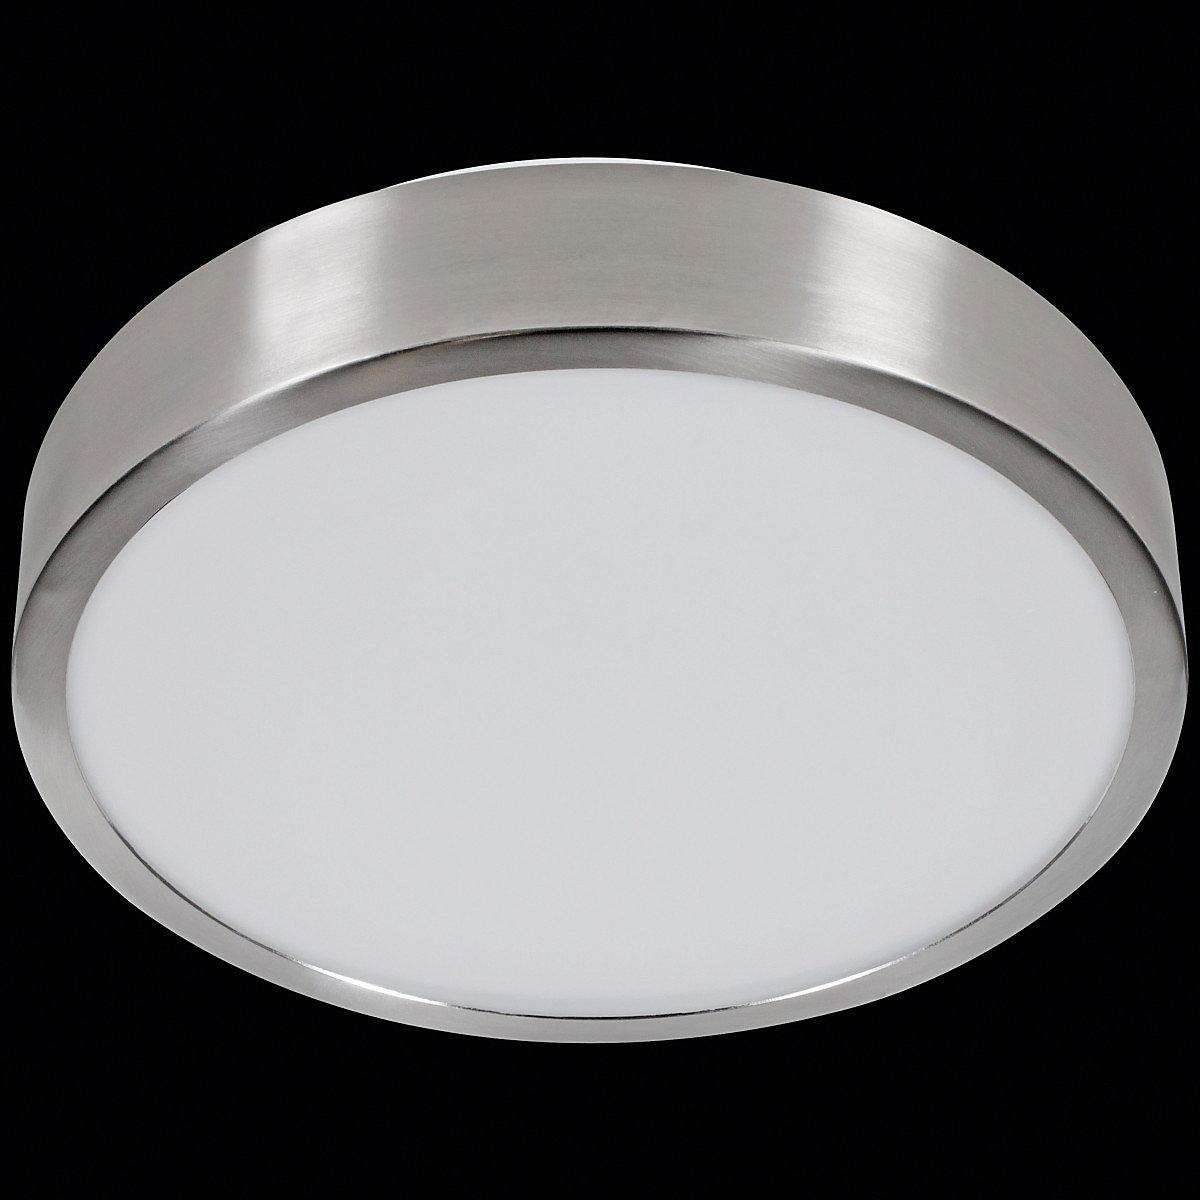 LED Deckenleuchte rund 1 flammig, silber, WOHNLING   yomonda